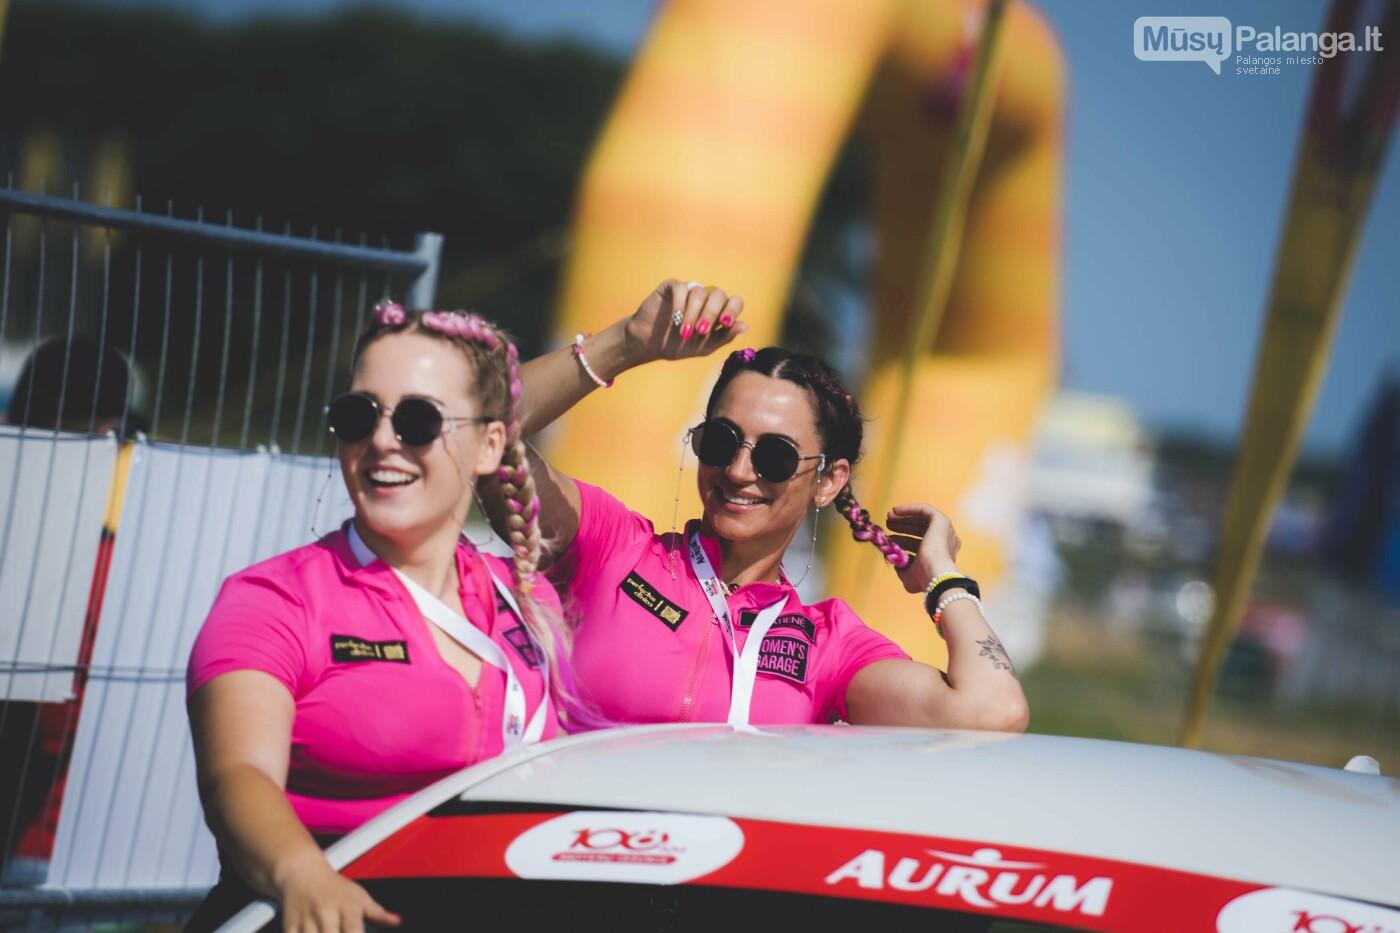 Žiūrovus žavėjo kilometrinė moterų iššūkio dalyvių kolona, nuotrauka-17, Vytauto PILKAUSKO ir Arno STRUMILOS nuotraukos